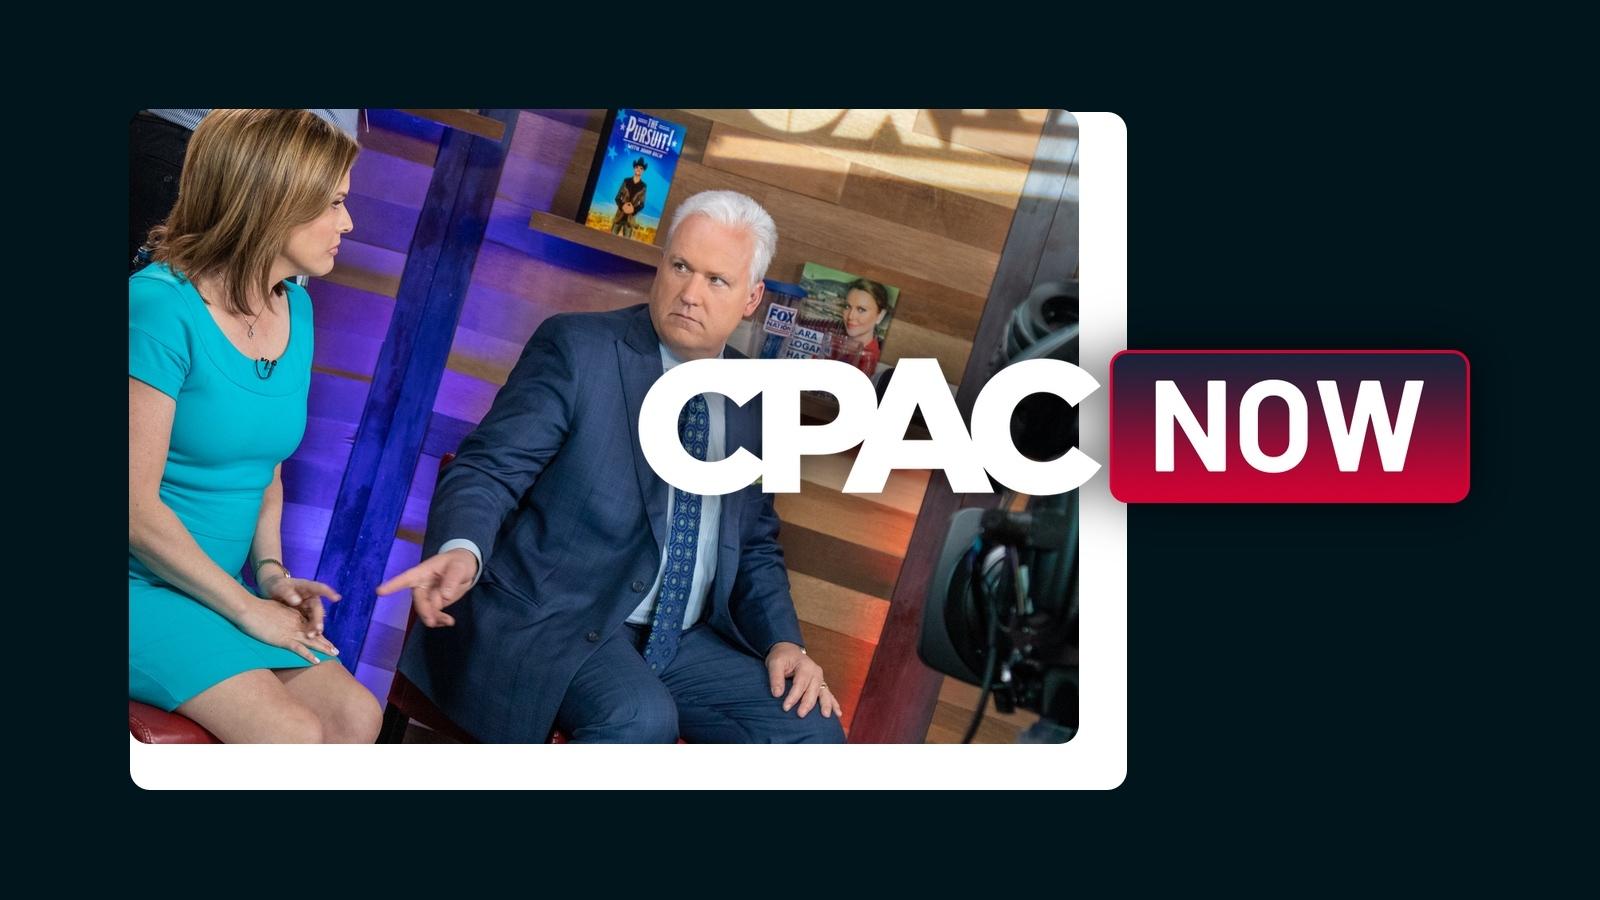 Site Box Cpac Now